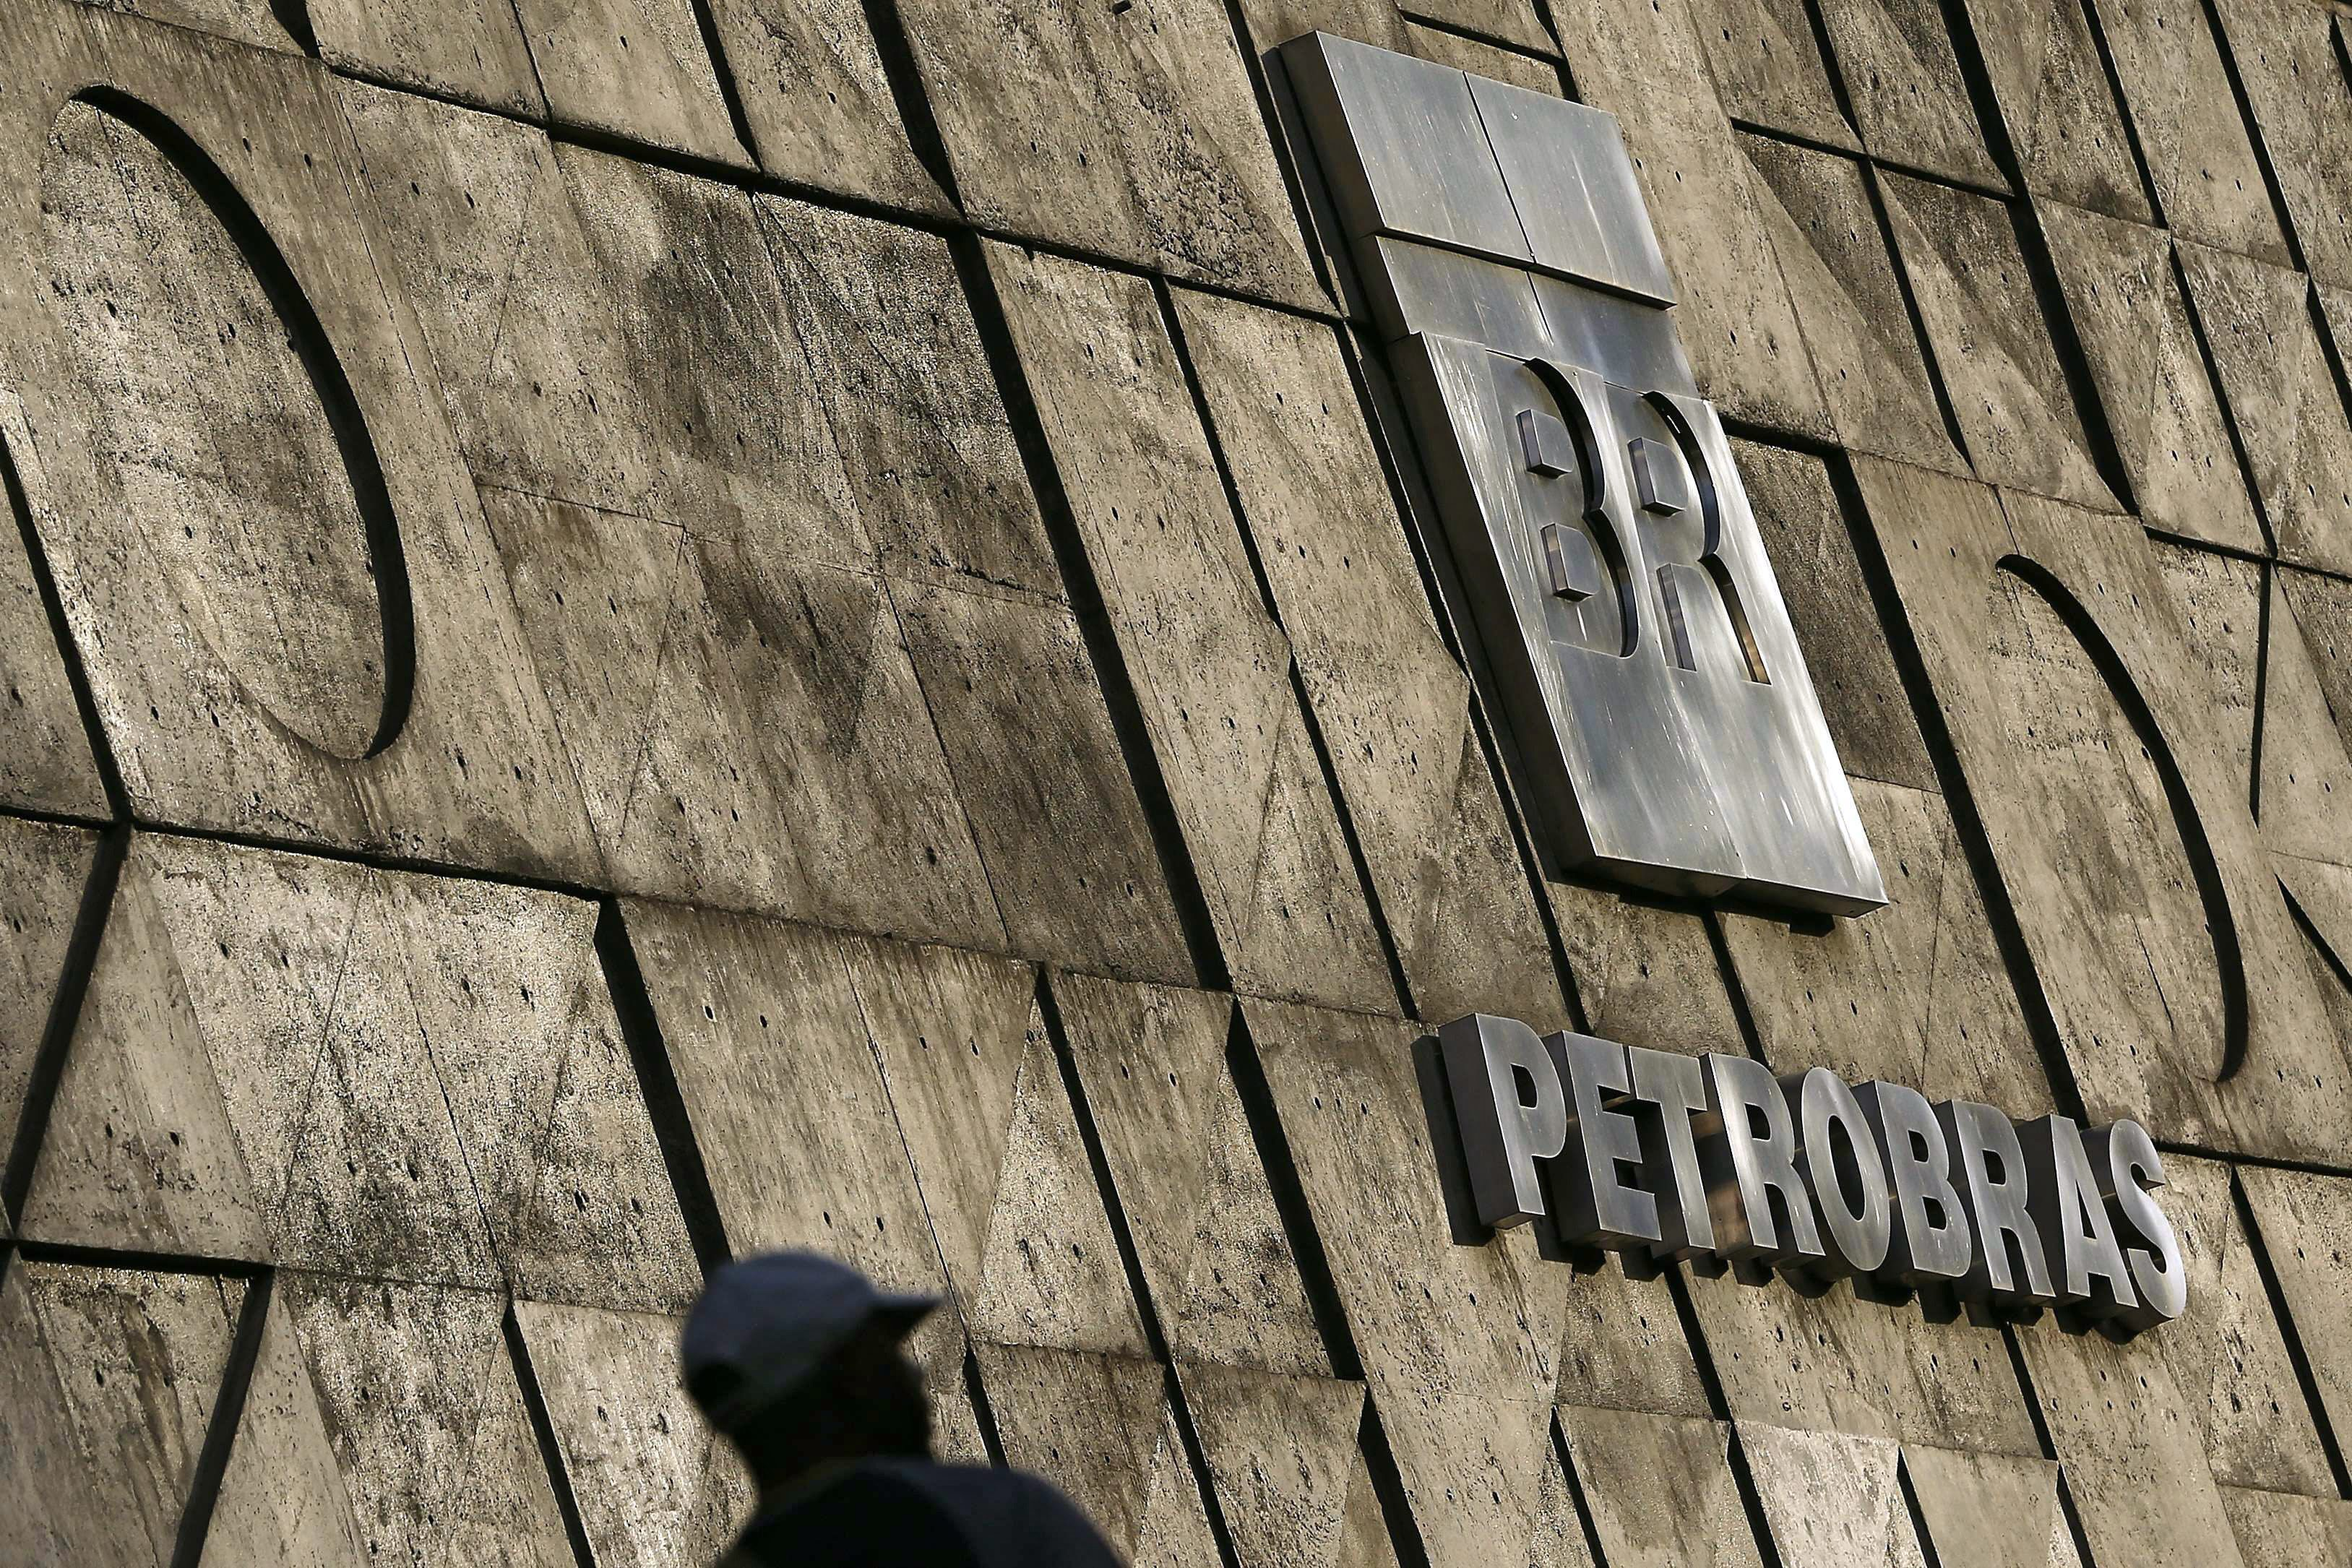 Brasileira Petrobras e trabalhadores chegam a acordo para terminar greve